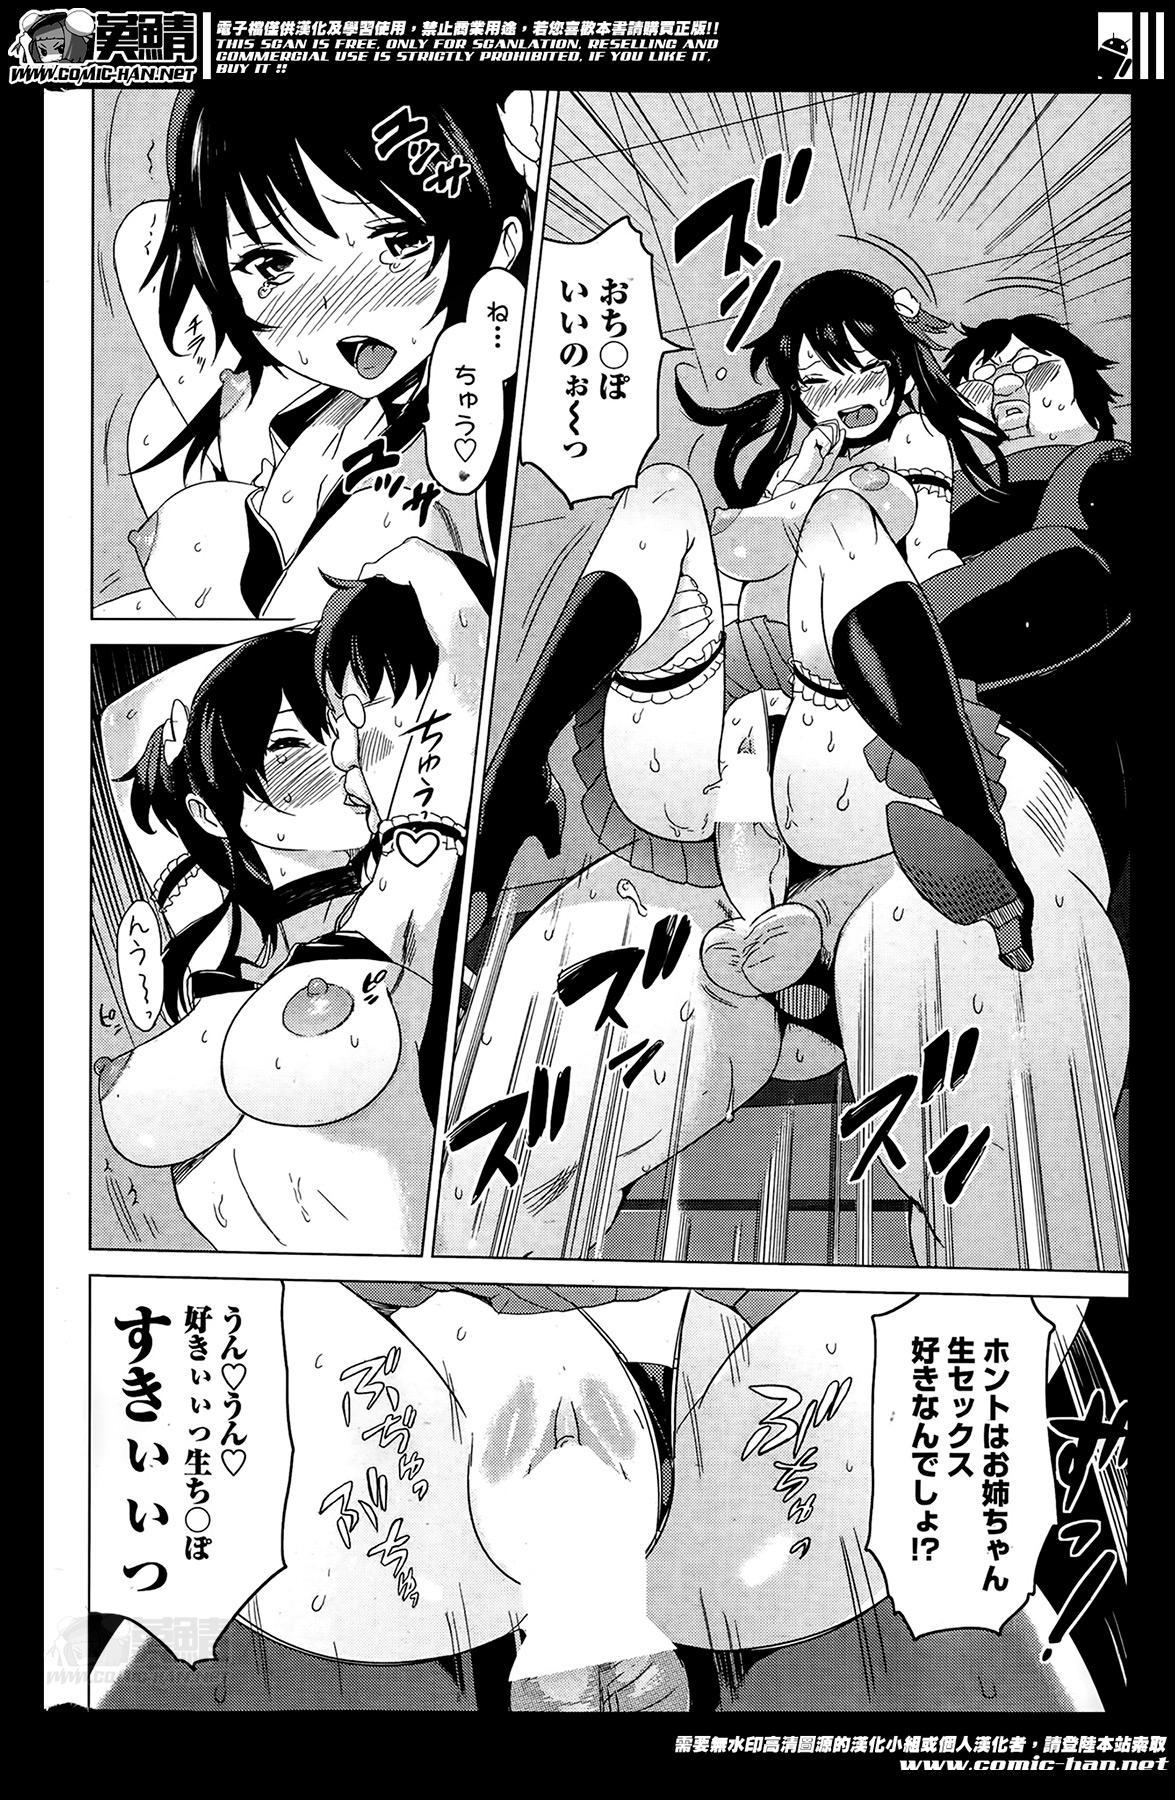 [Mitsuya] Nee-chan to H Shitai no? | Zoku Nee-chan to H Shitai no? Ch.1-4 35